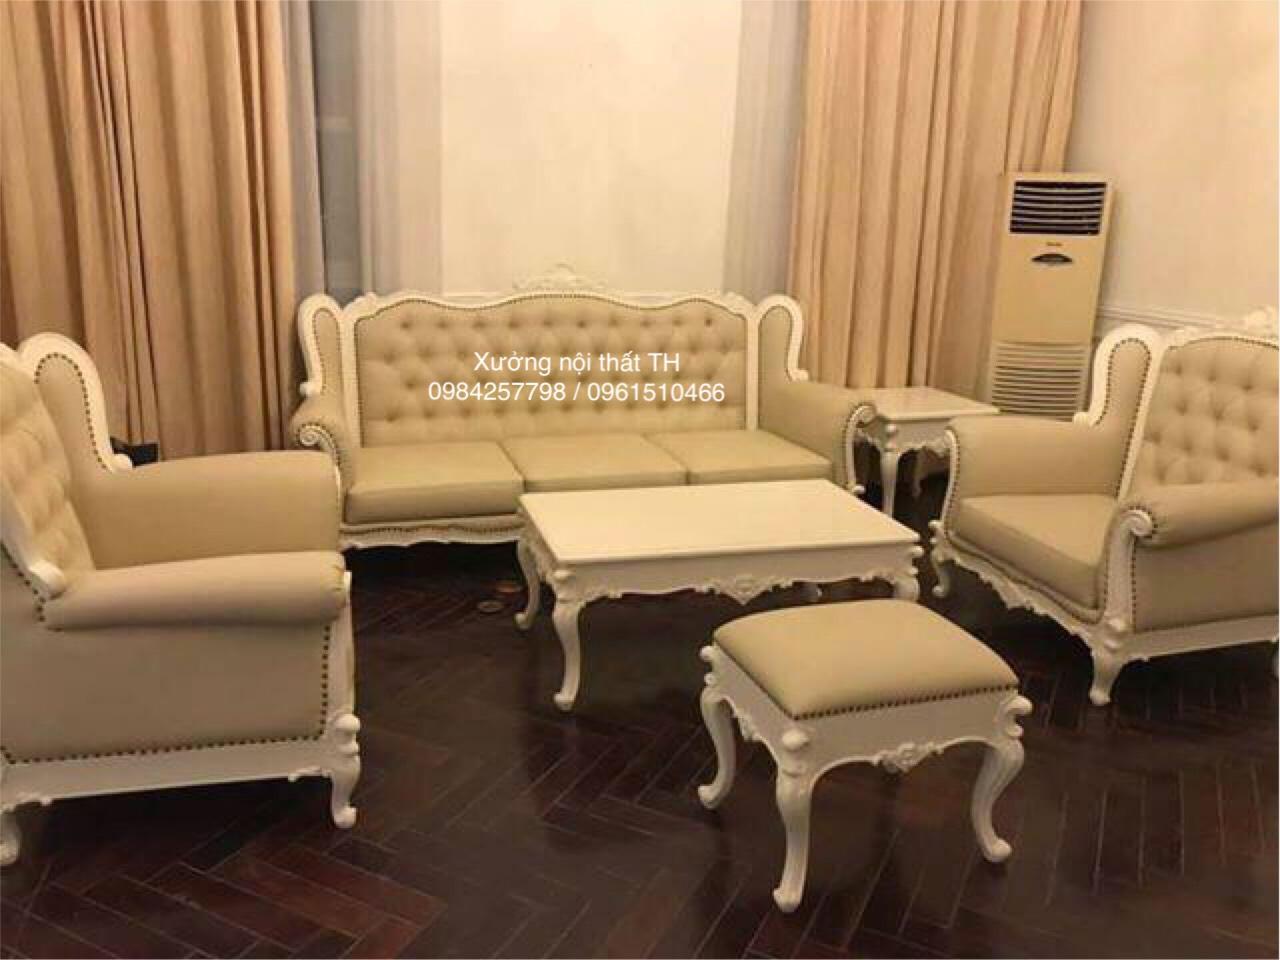 Bộ sofa tân cổ điển gỗ tự nhiên tạo không gian hoành tráng, bề thế